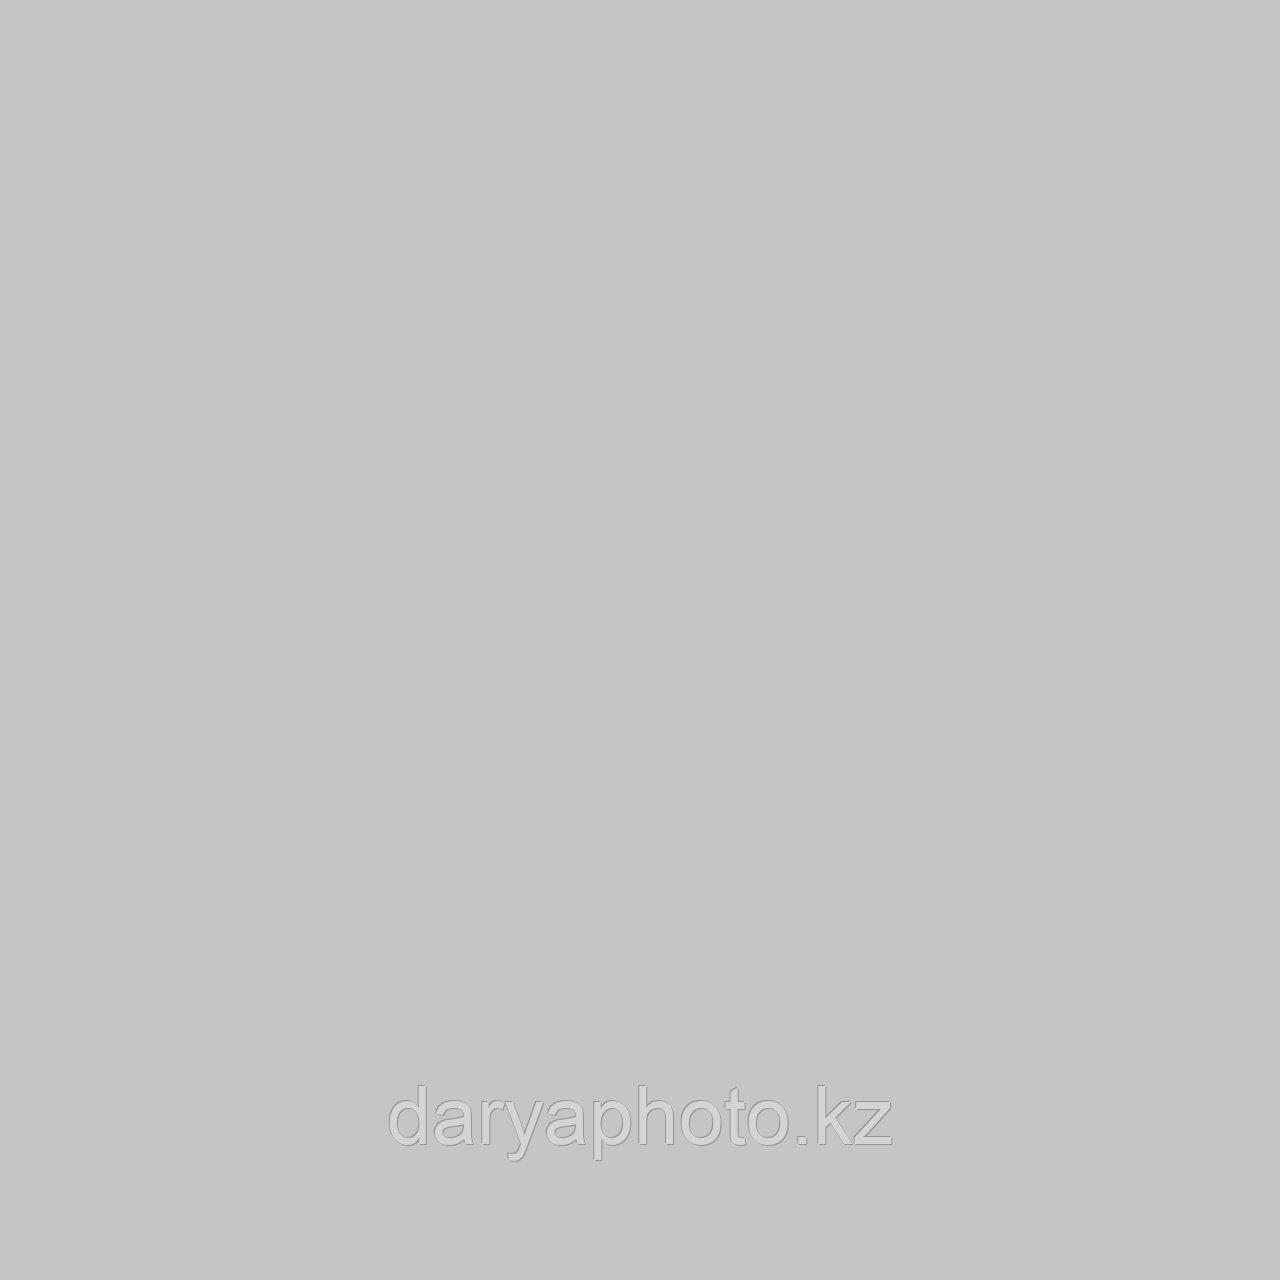 Серый светлый Фон бумажный. Фотофон. Фон для фотостудии